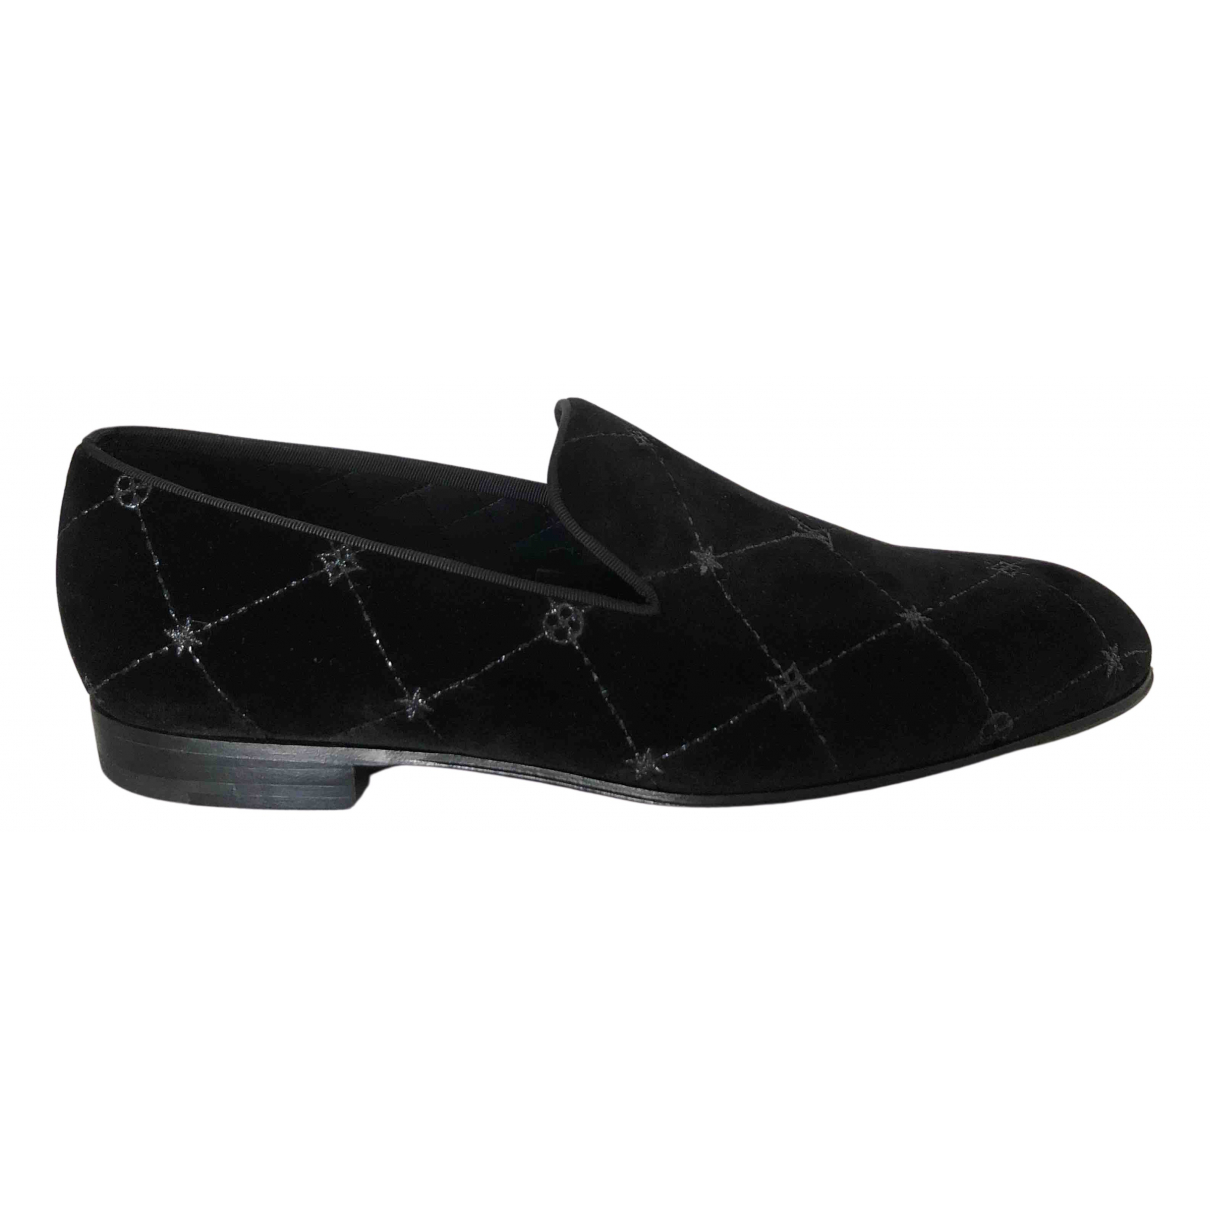 Louis Vuitton - Mocassins   pour homme en velours - noir